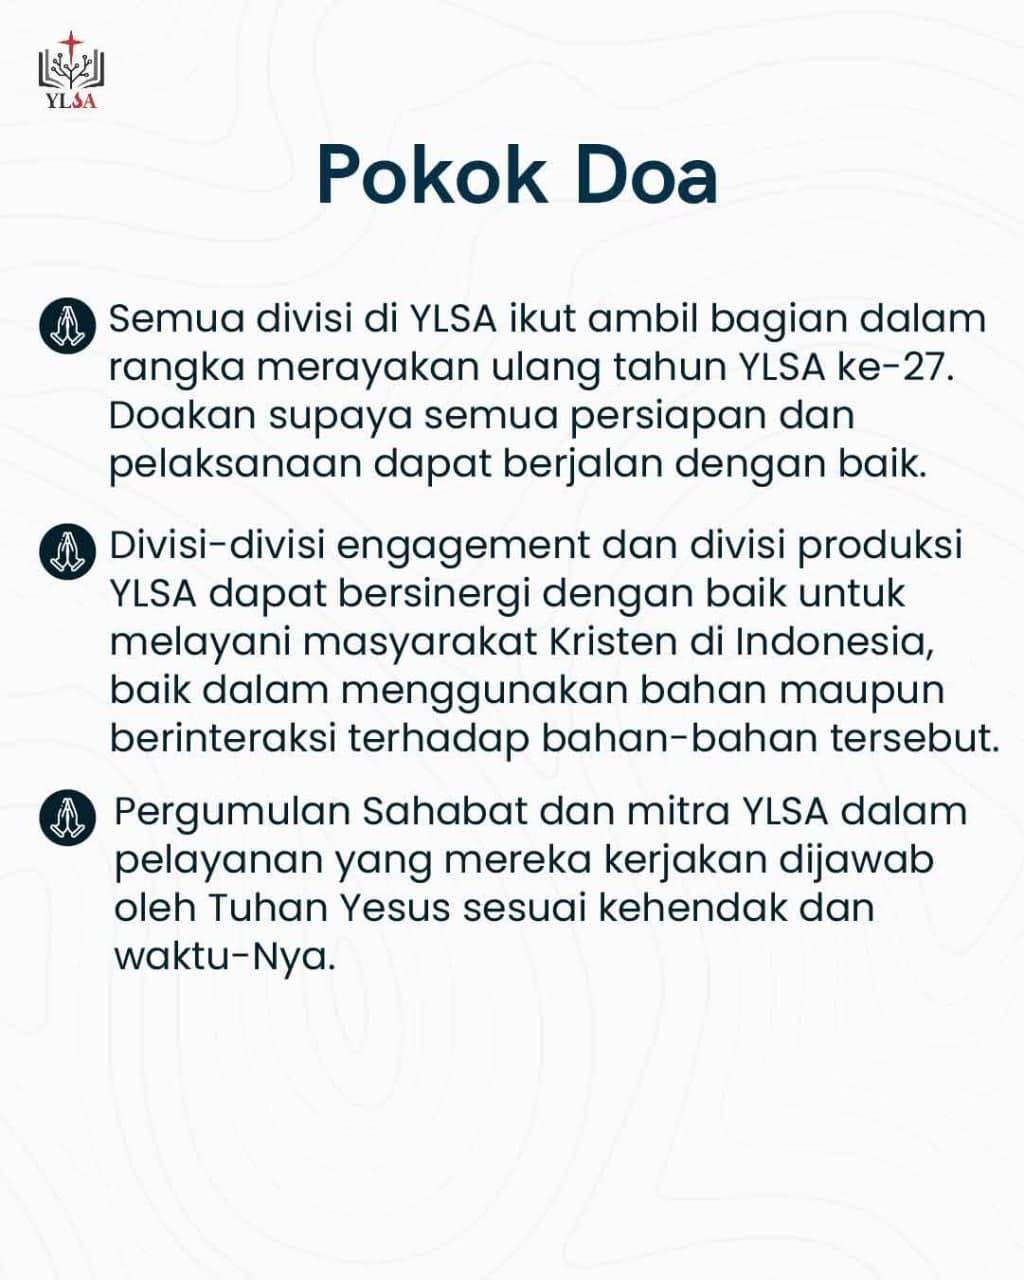 Mari berdoa bagi pelayanan YLSA dan mitra/Sahabat SABDA.